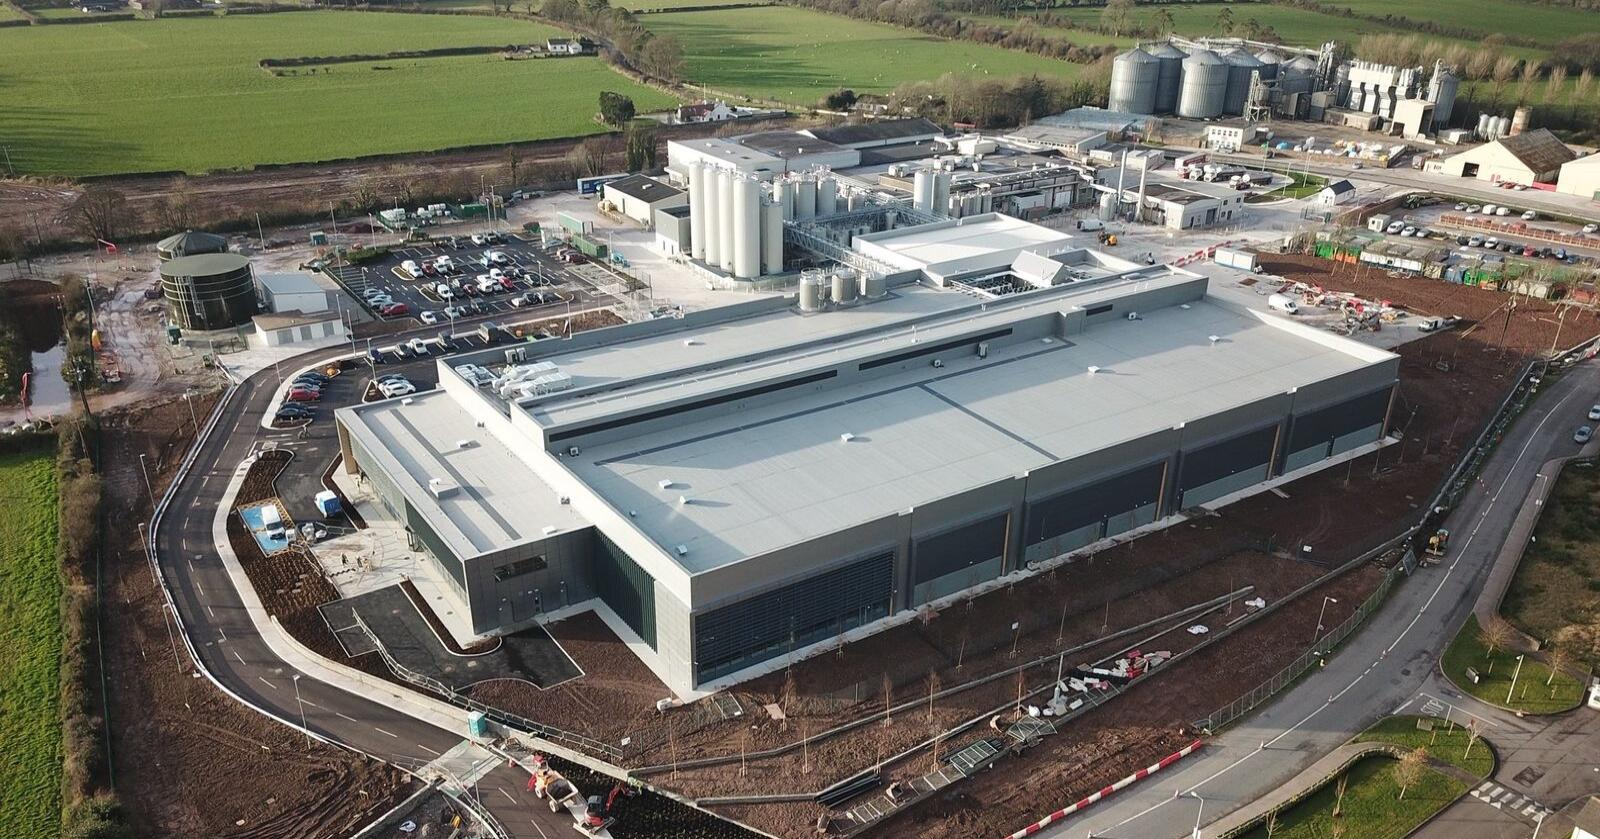 Forsinkelse: Tines nye anlegg i Irland står klart til å produsere. Men ennå har det ikke fått utslippstillatelse. (Foto: Tine)